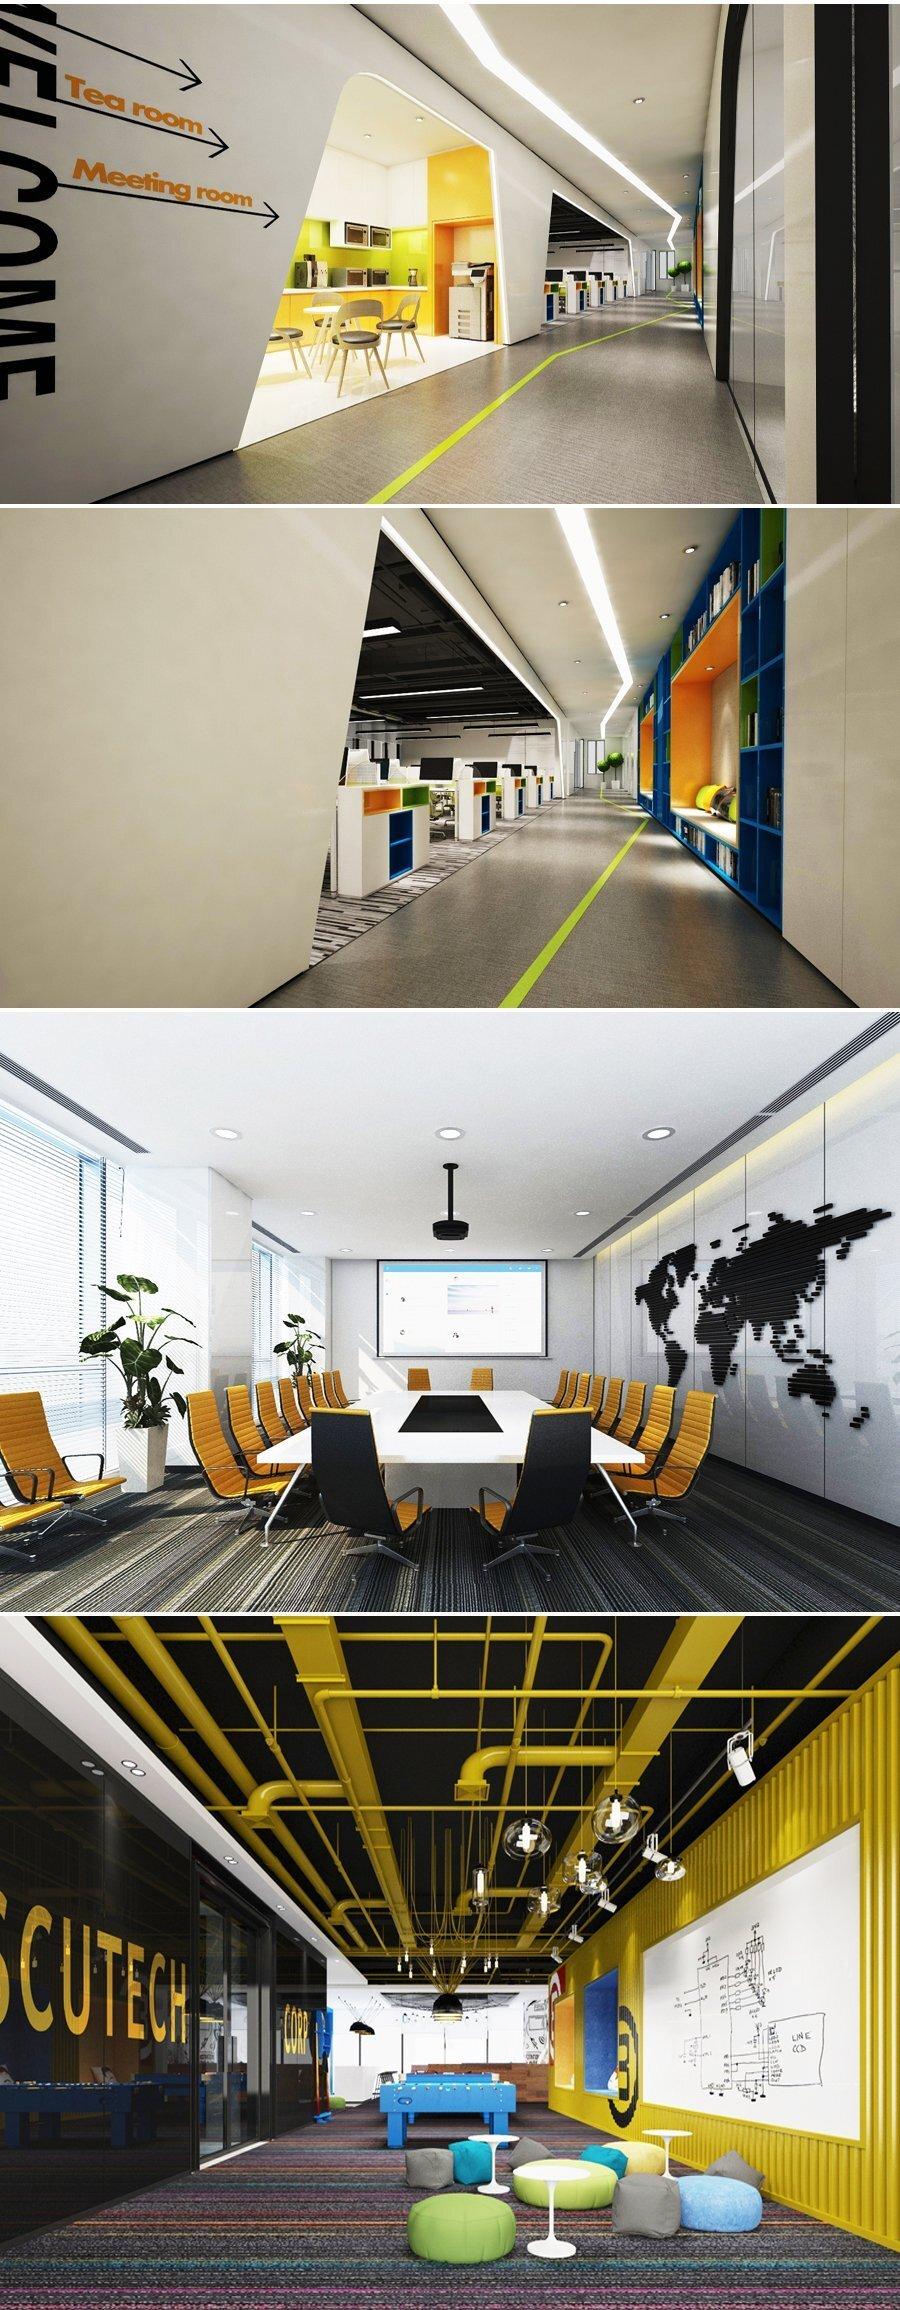 统一通信-上海办公室装修